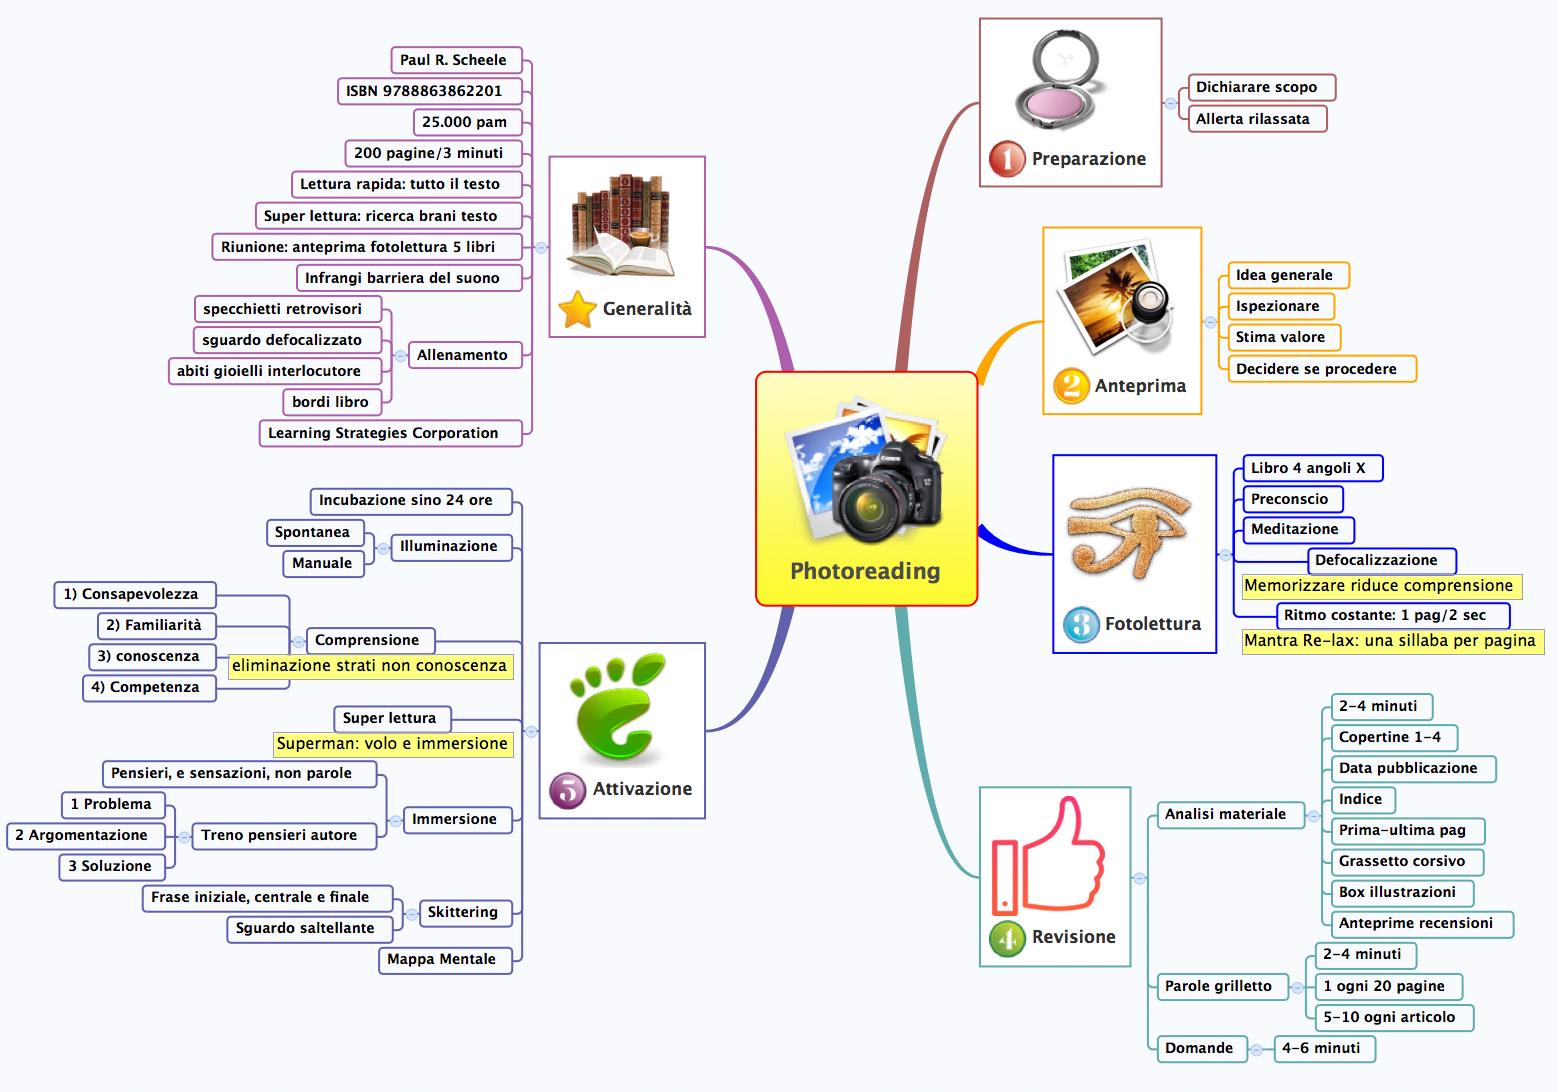 Mappa mentale di Photoreading eseguita da Carlo Maggio con Xmind